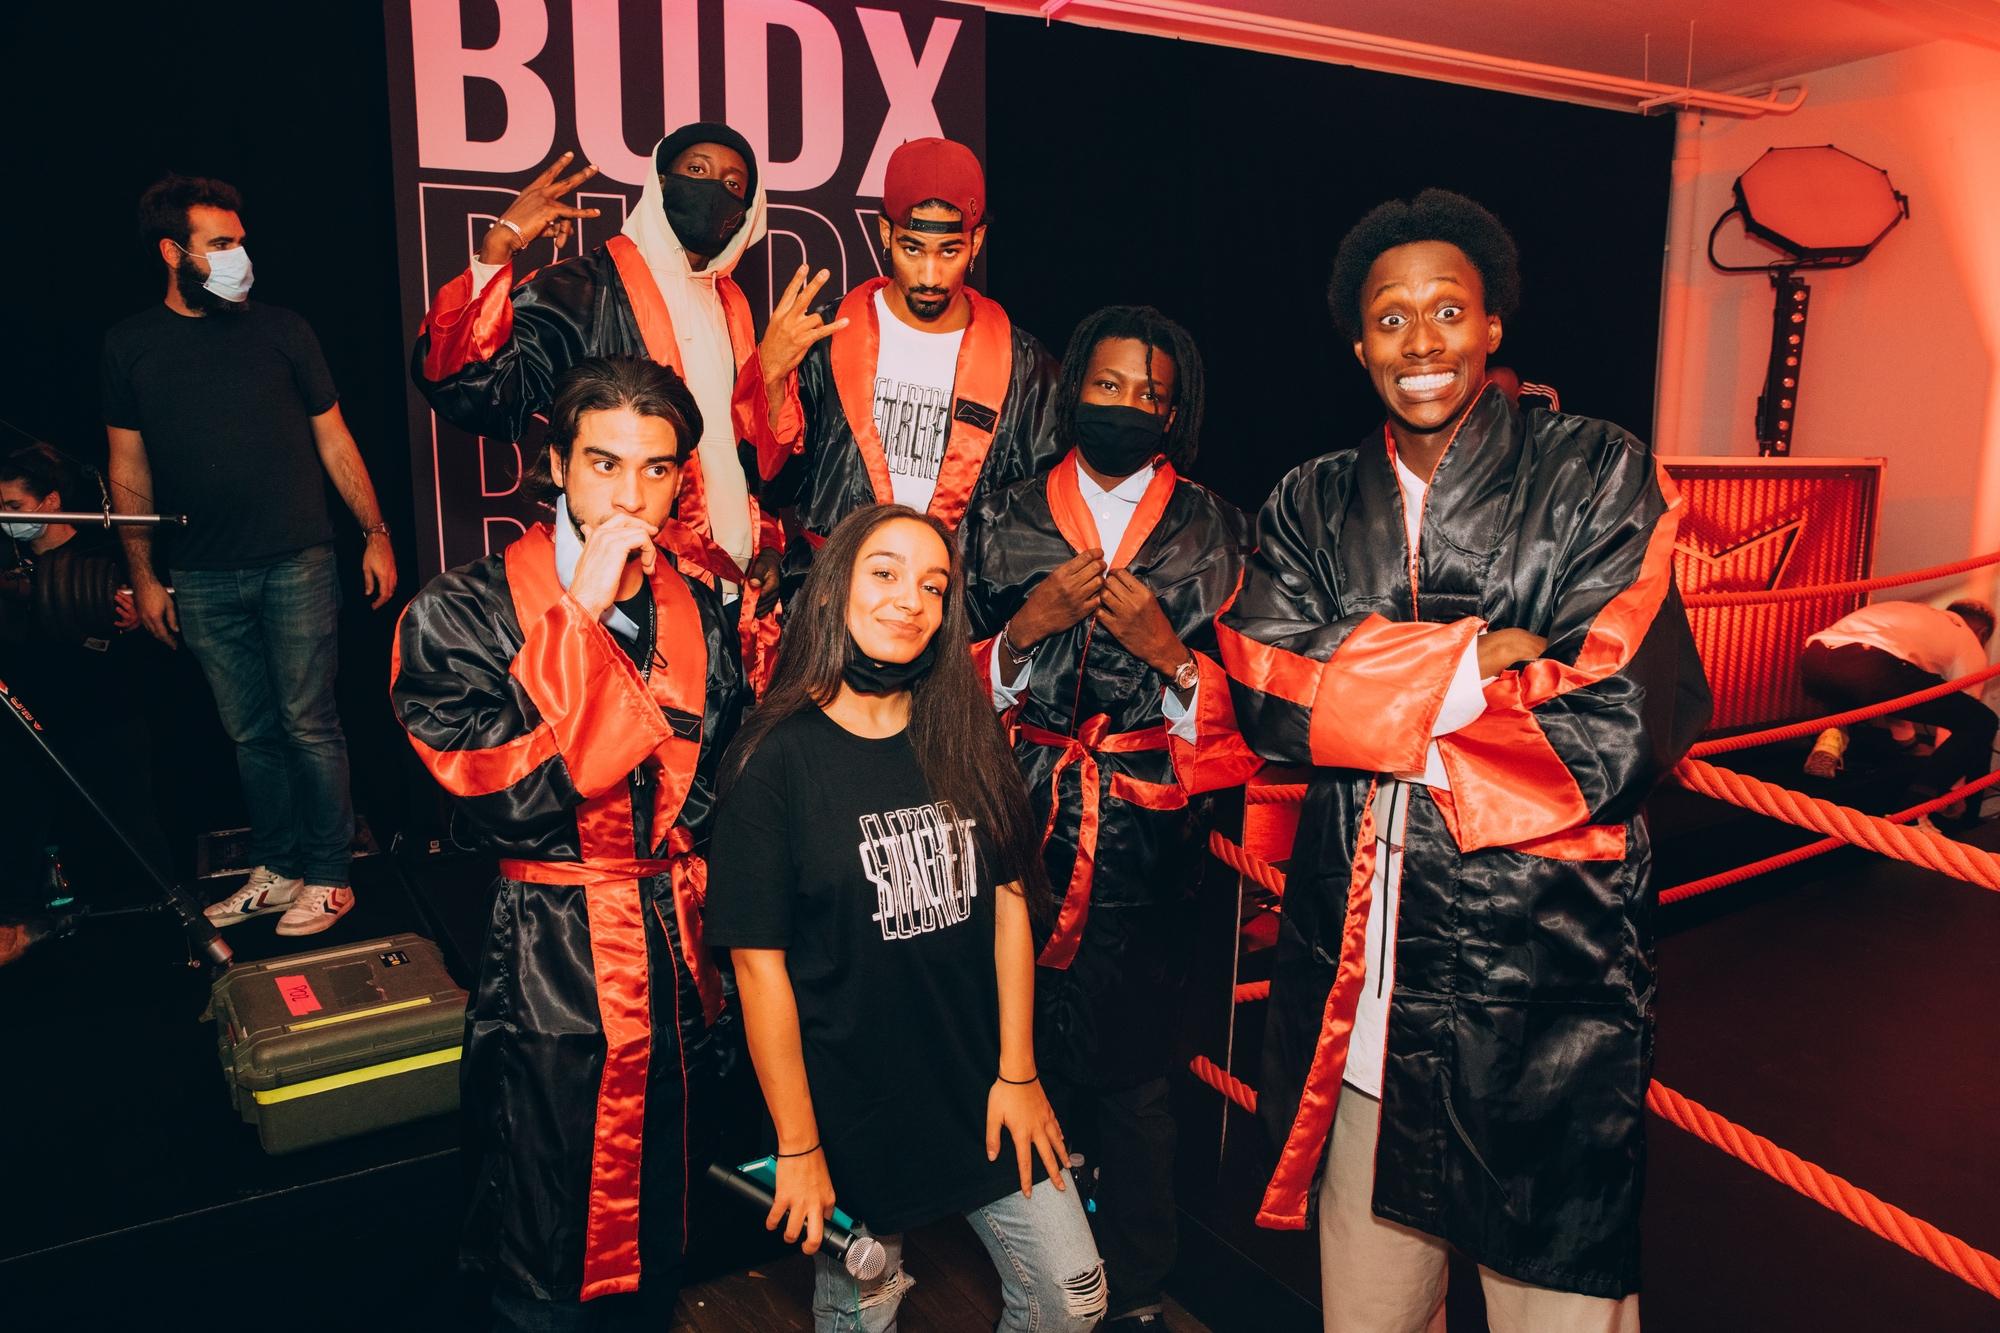 BUDX celebrated dance w/ Electro Street & Brahim Zaibat